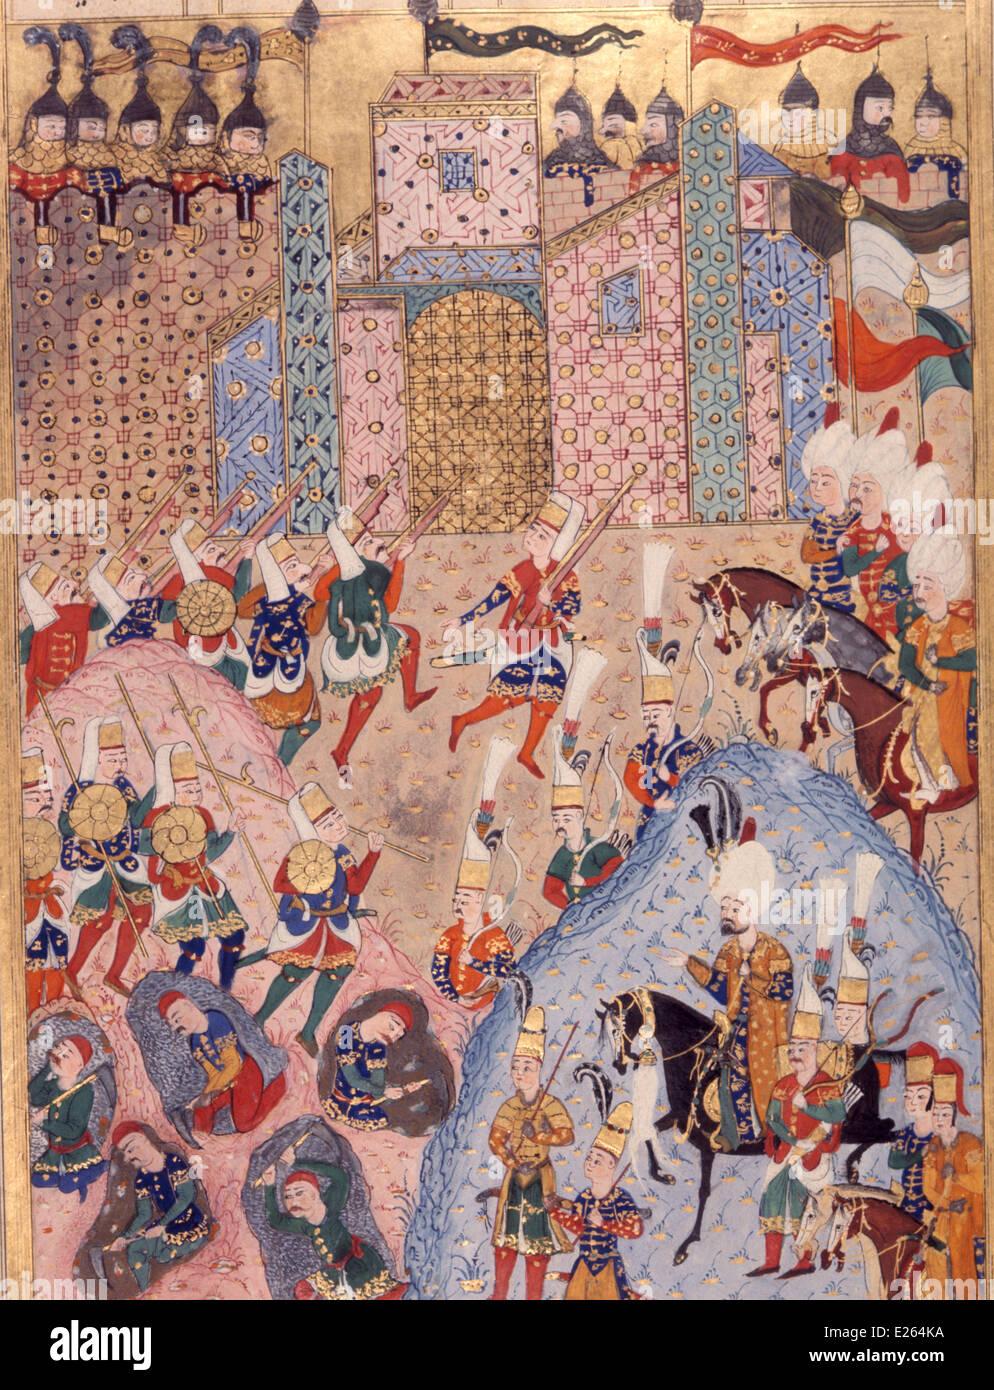 Storia ottomana,Solimano il Magnifico storming una città,miniatura del XVI secolo,istanbul,topkapi Immagini Stock